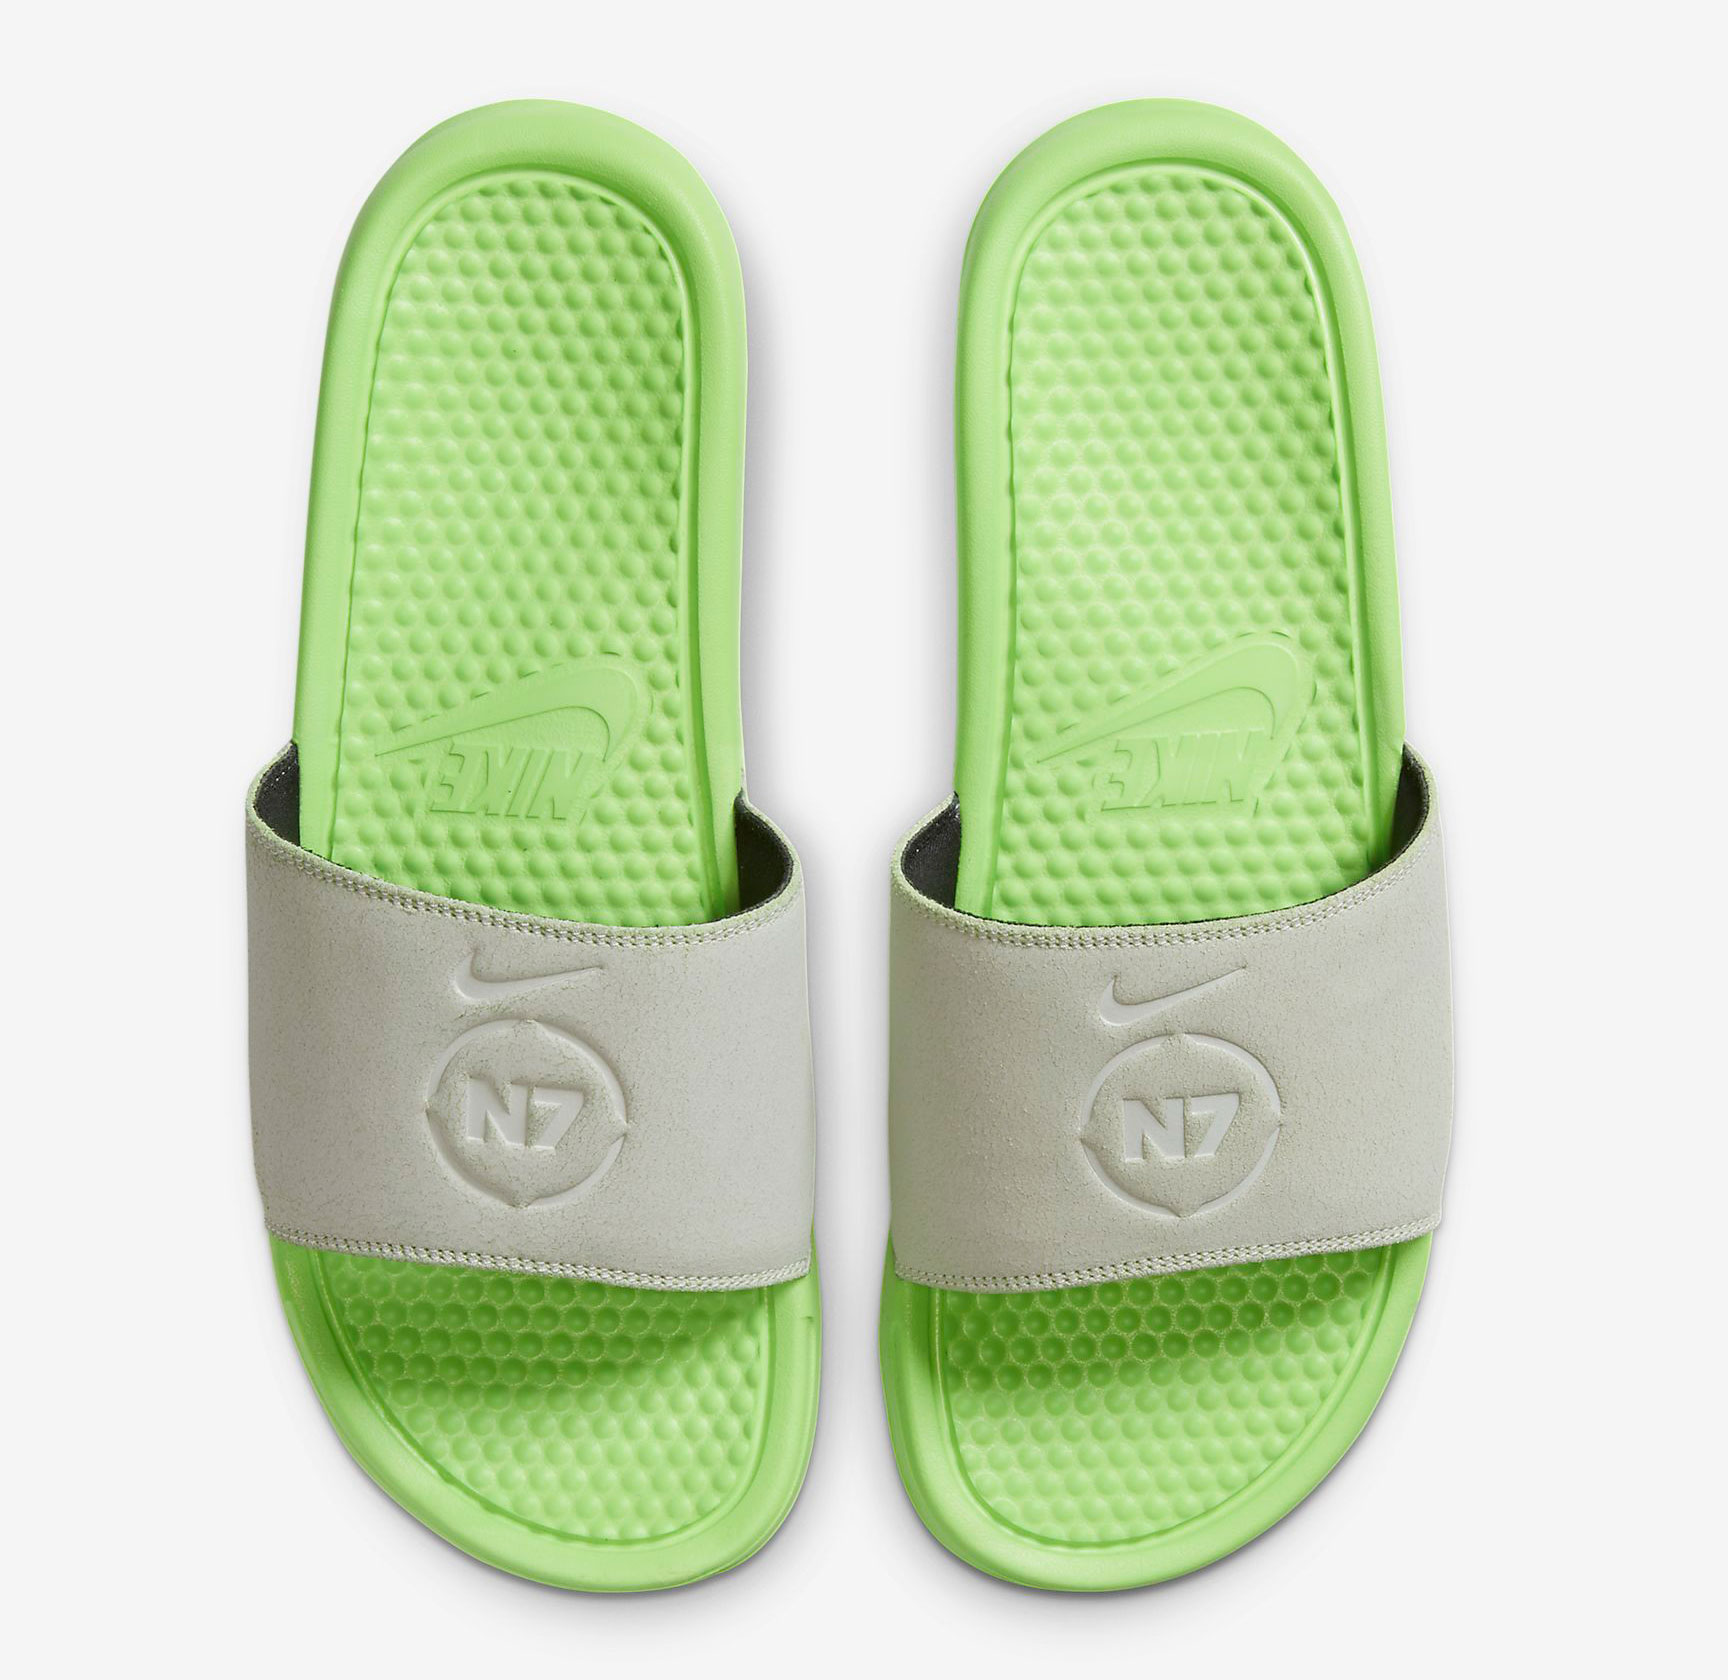 nike-benassi-n7-slide-sandal